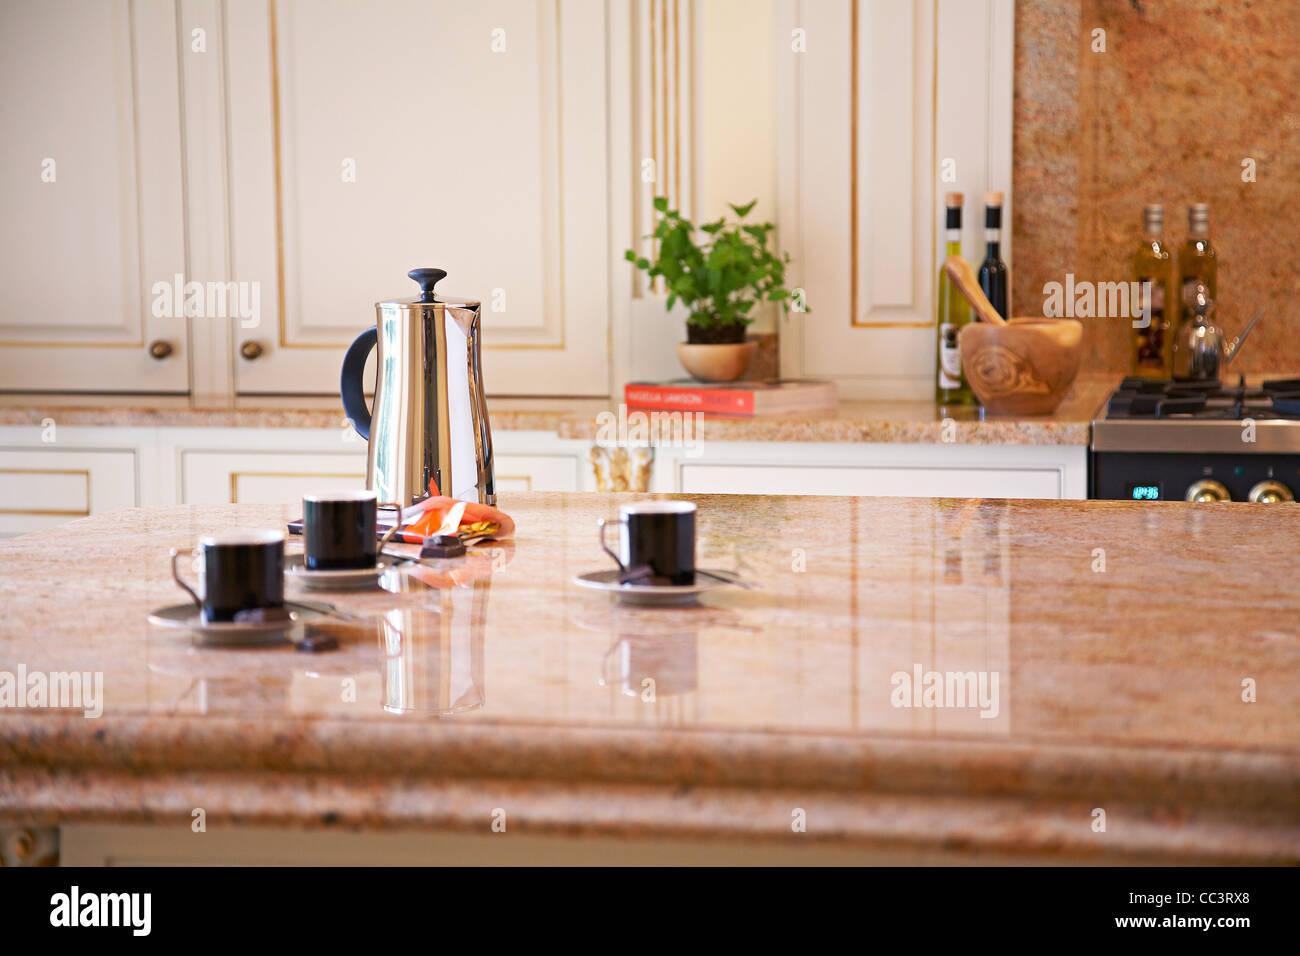 Cucina interno con caffettiera e tazze su un marmo Isola per ...